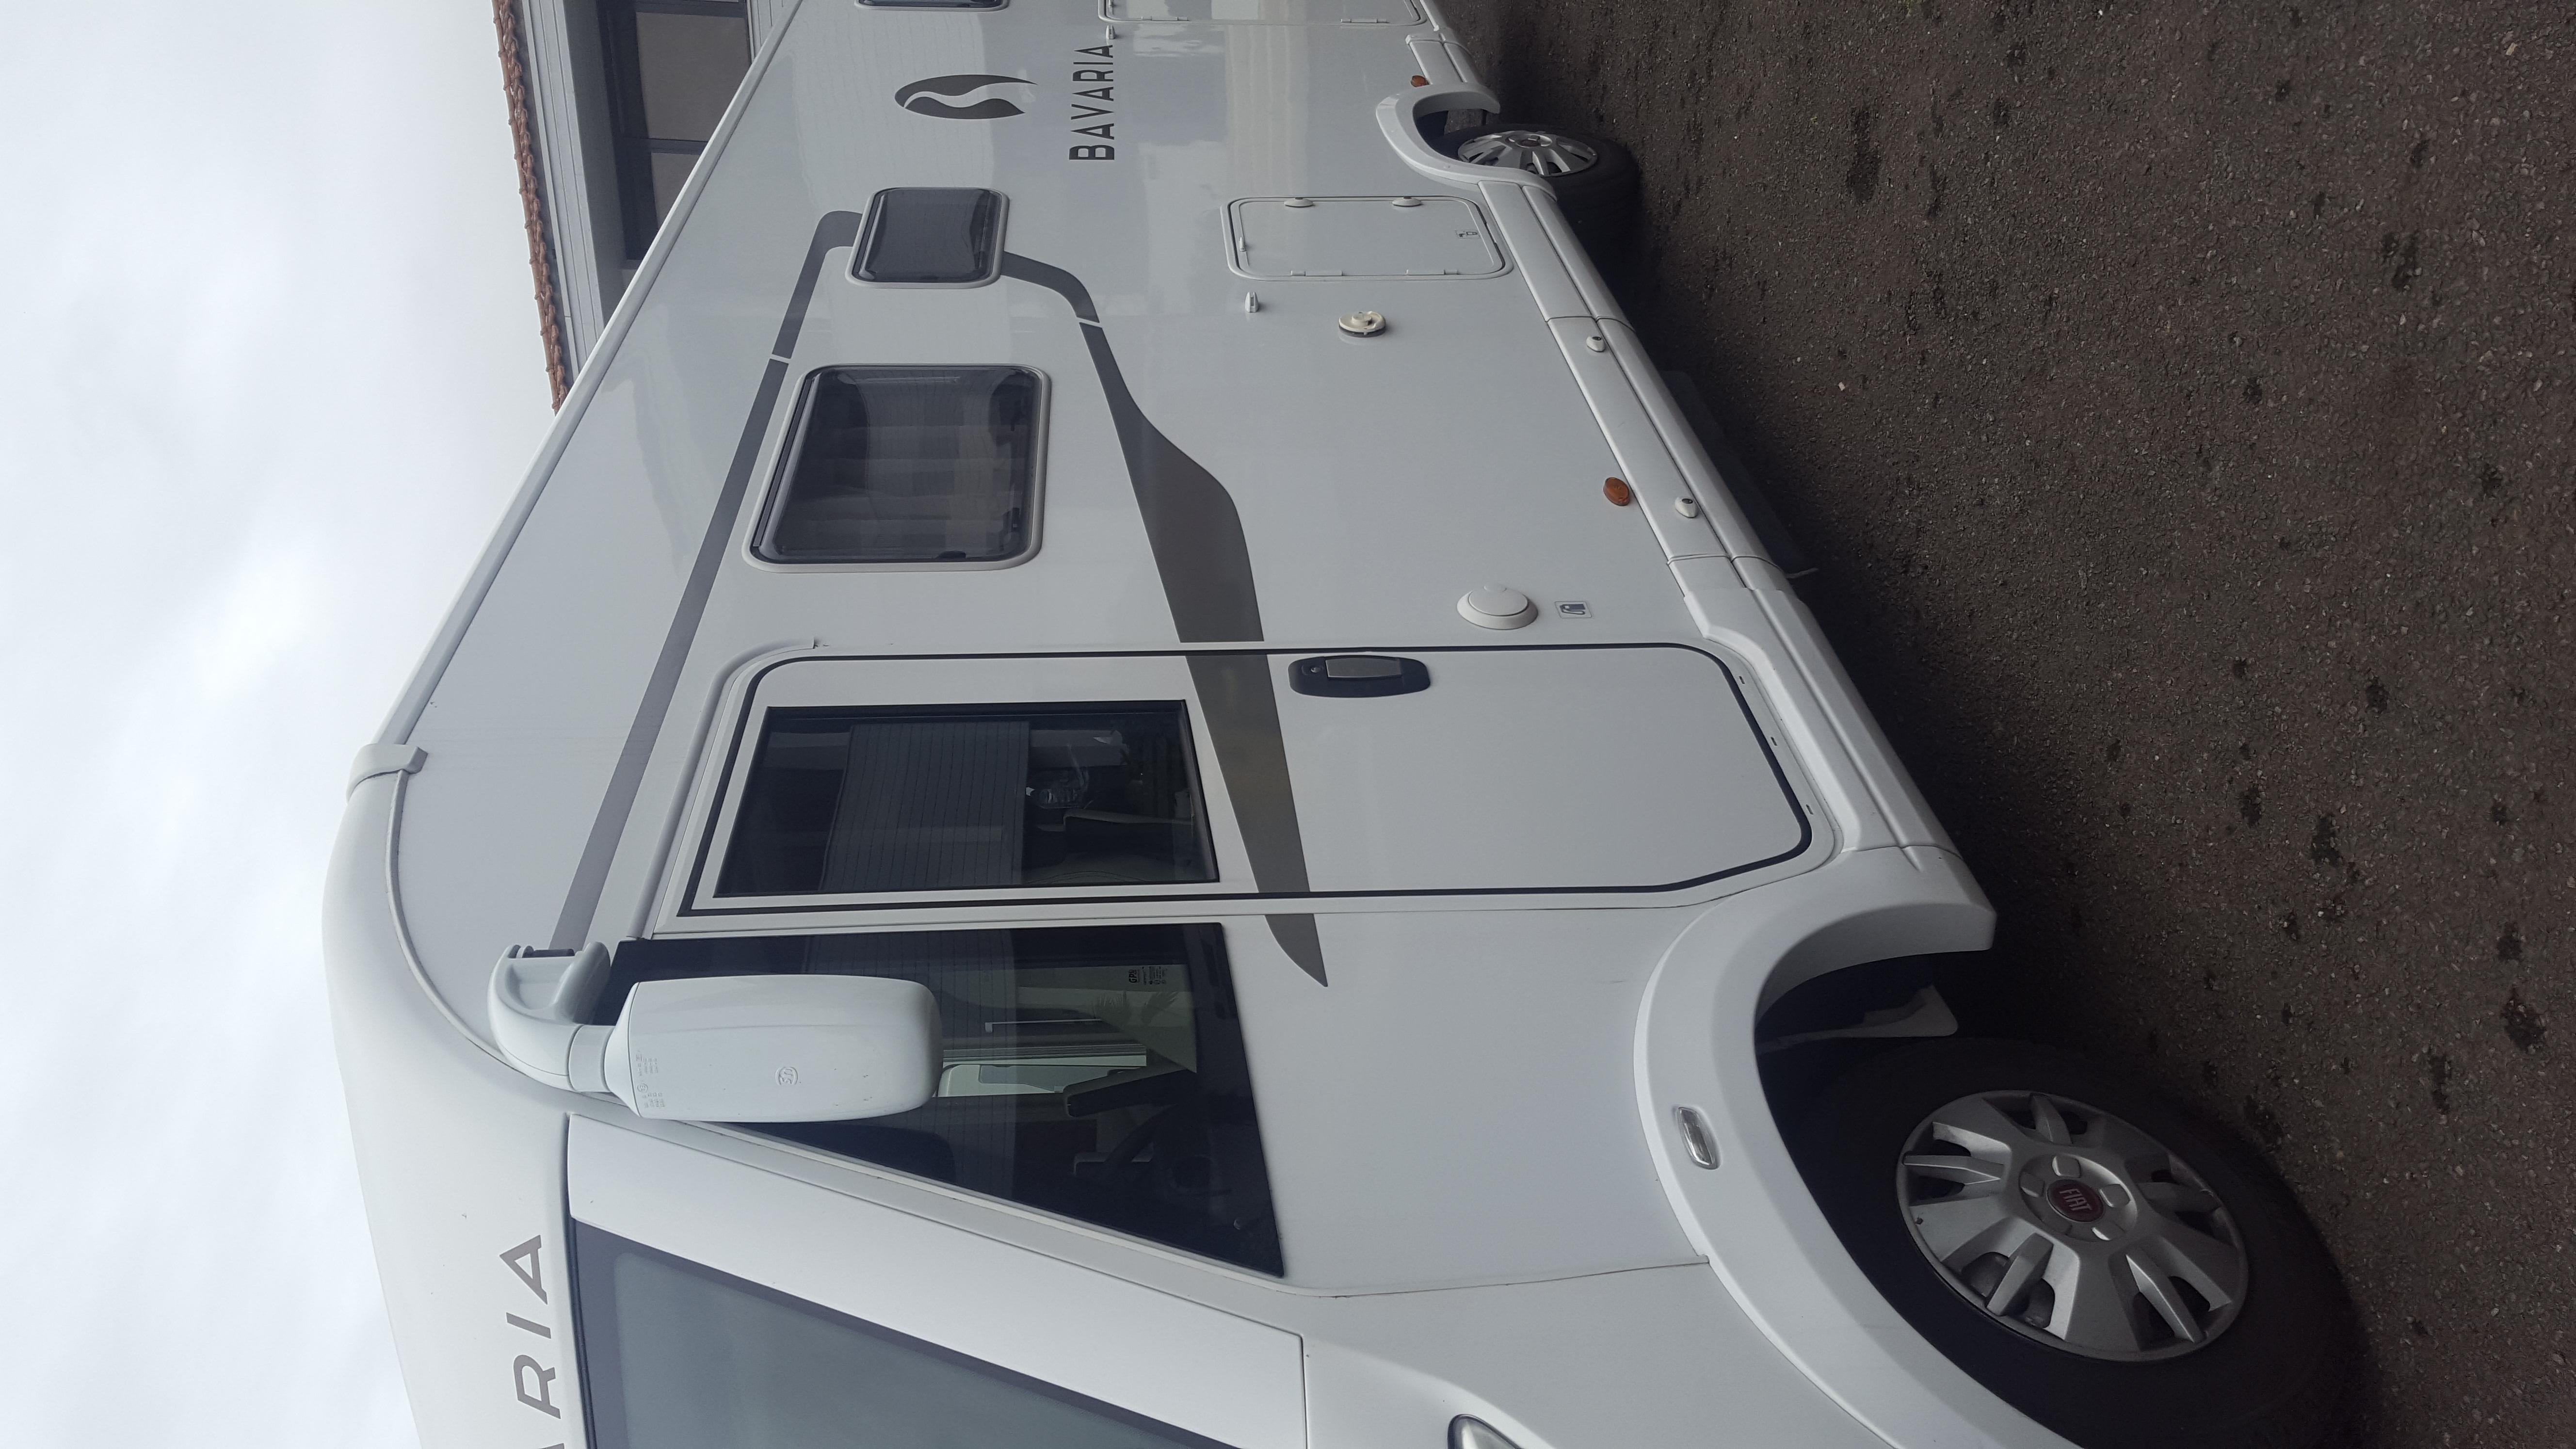 BAVARIA I740 FGJ STYLE, FIAT DUCATO 2,3 l, Juillet 2019